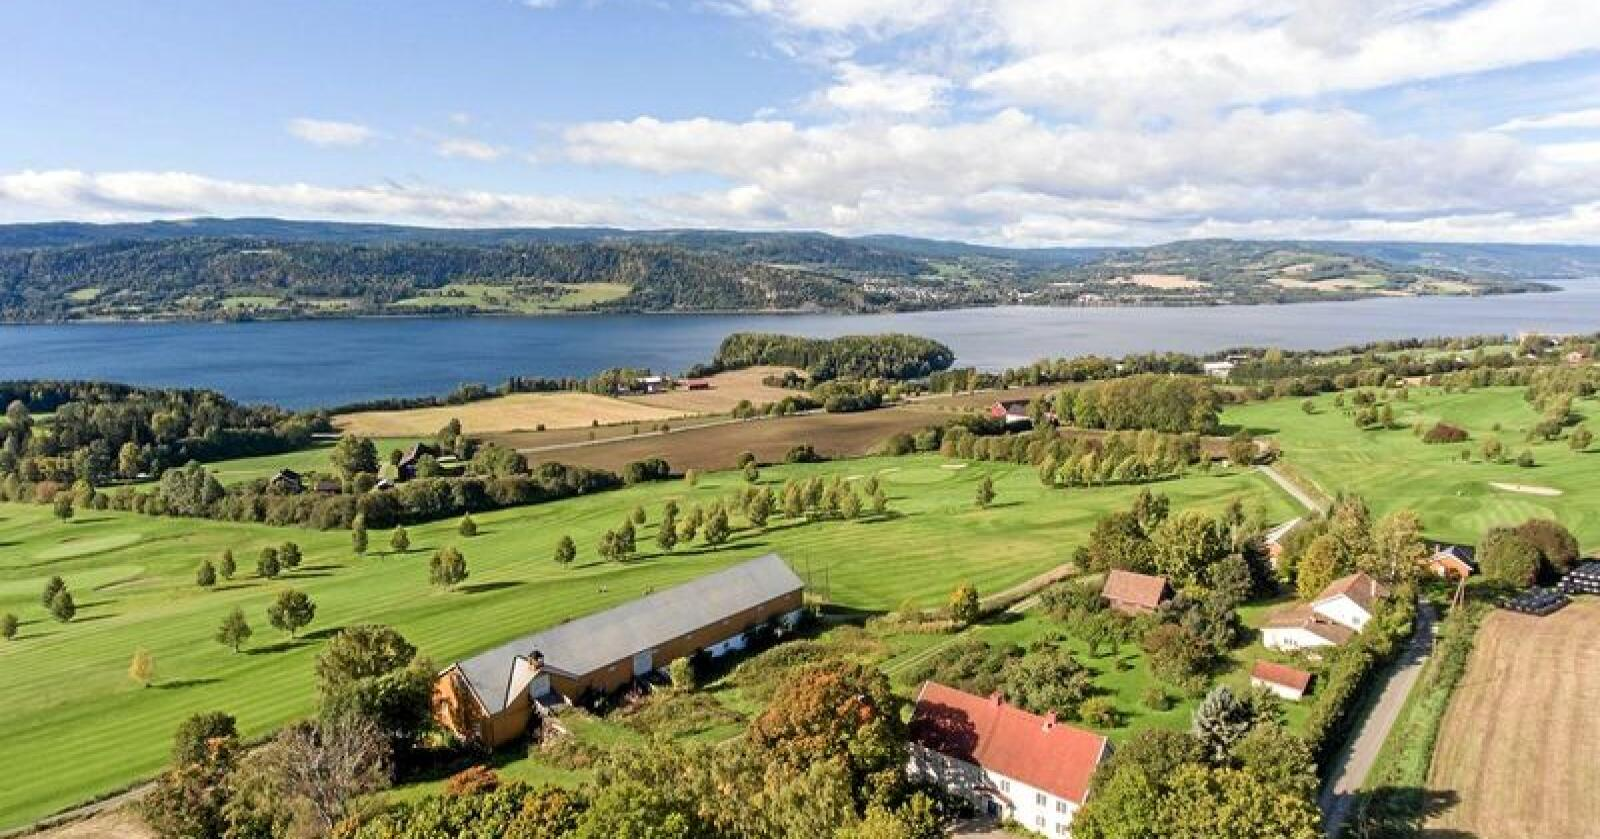 På Moelv selges en stor gård med golfbane og mjøsutsikt. Foto: Jan Tore Øverstad / Eiendomsmegler 1